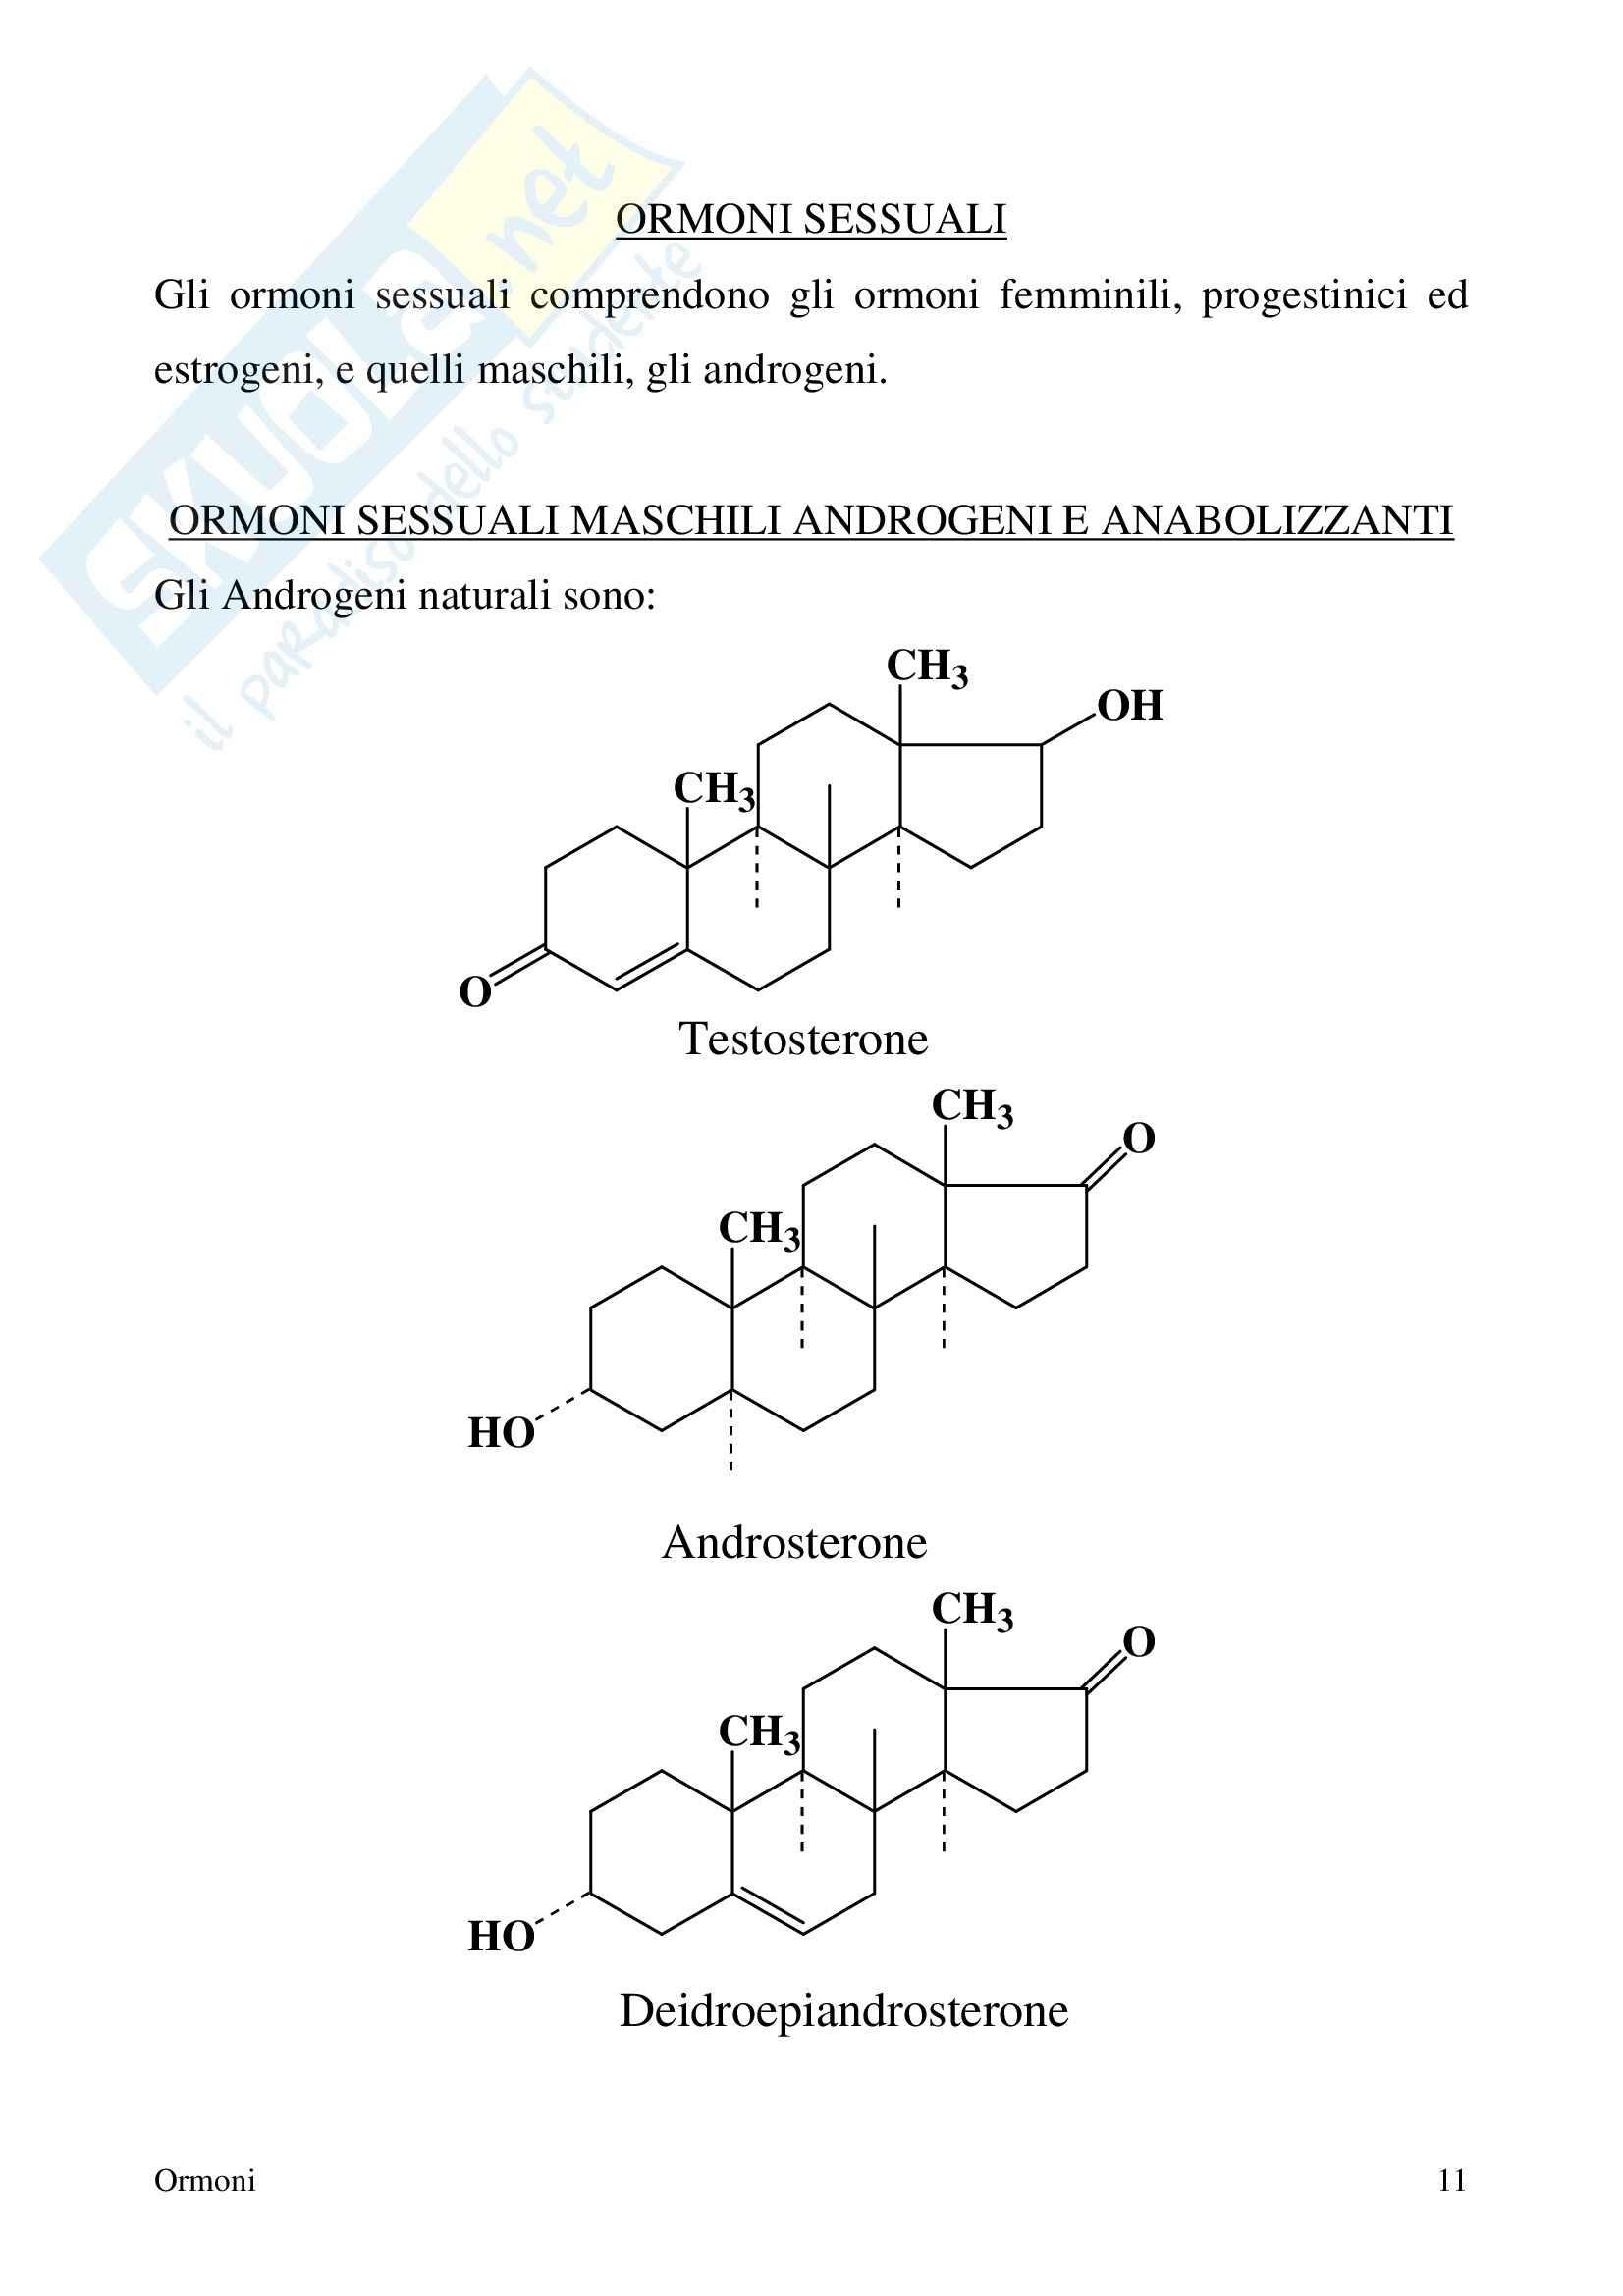 Chimica farmaceutica - ormoni Pag. 11